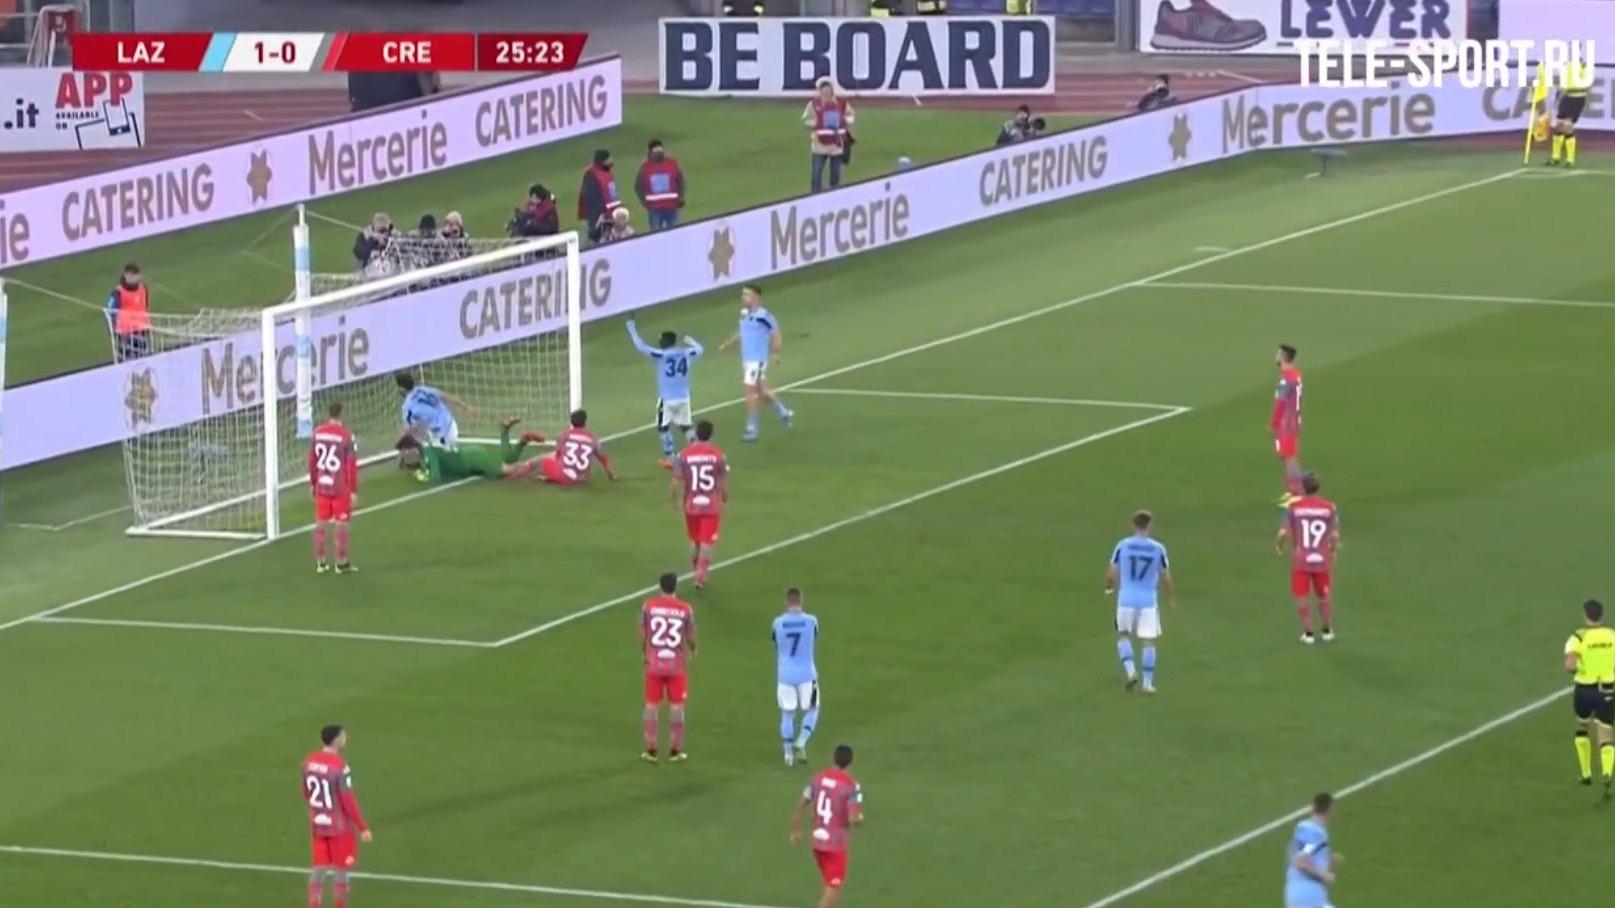 Lazio ganó 4-0 y clasifíco a cuartos de final de la Copa de Italia.